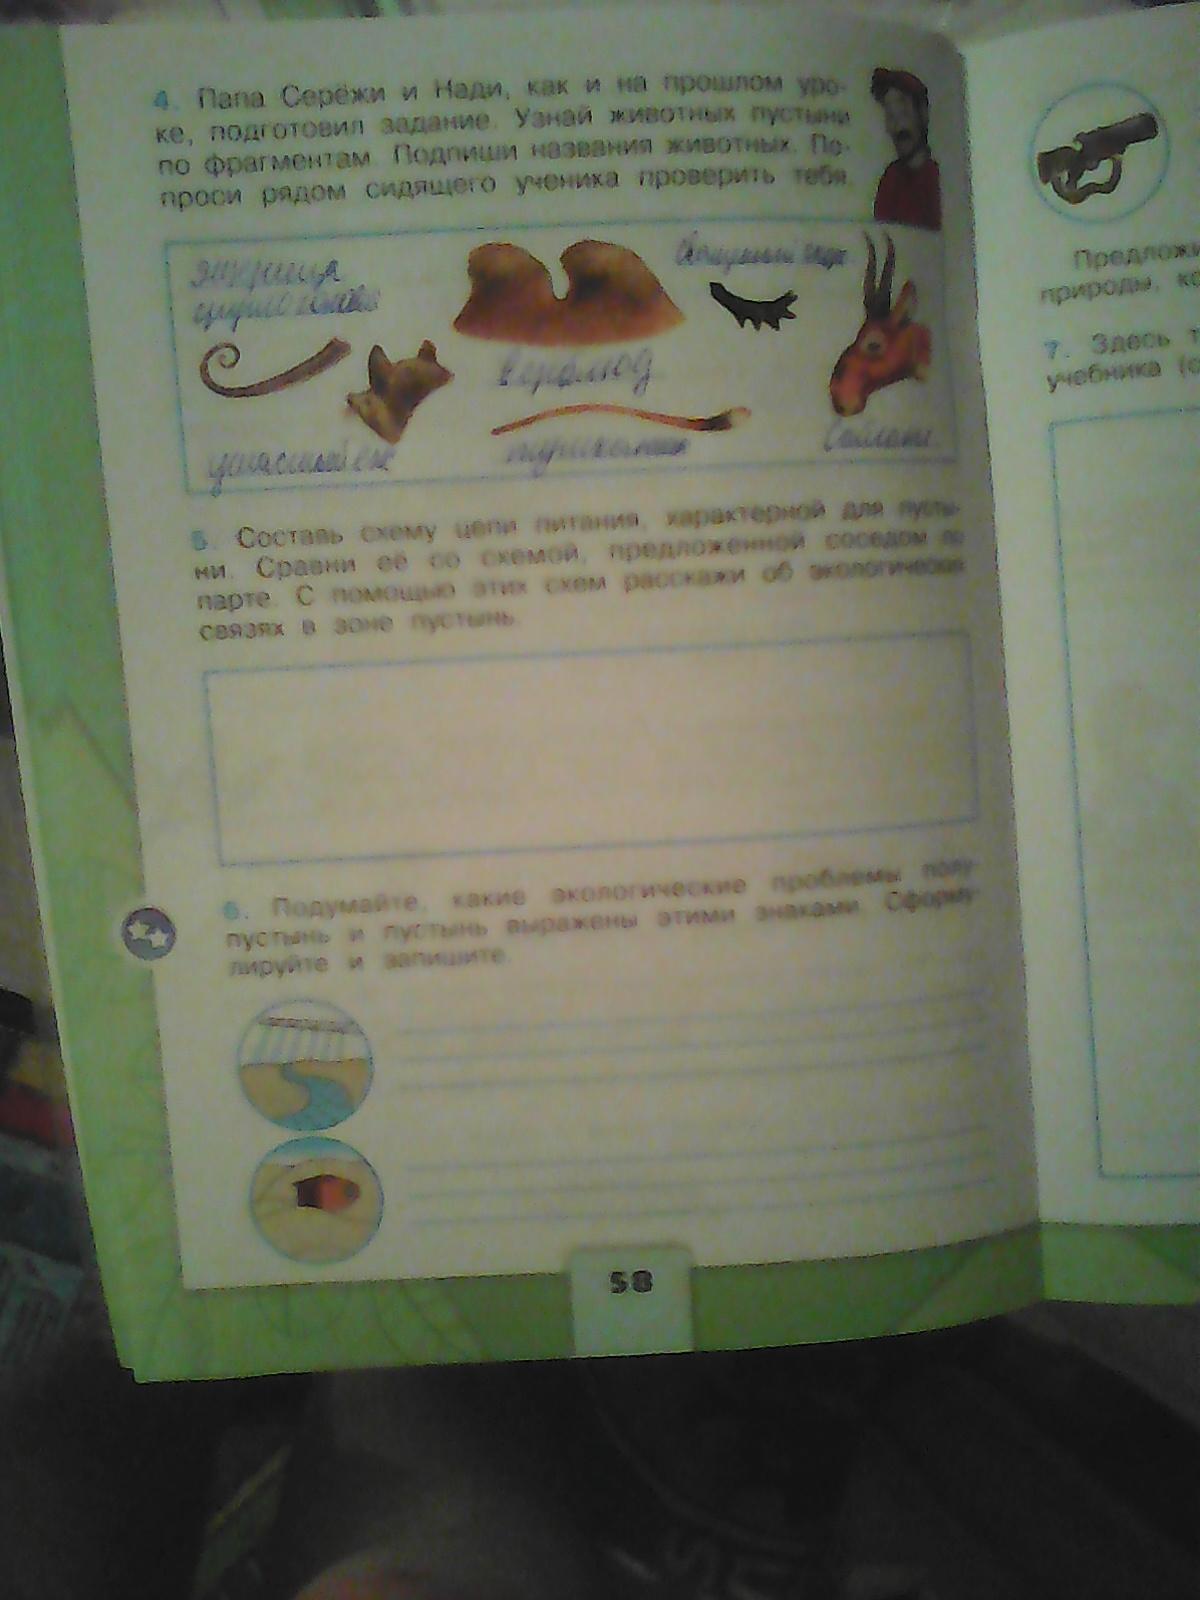 Схема цепи питания животных тайги фото 833